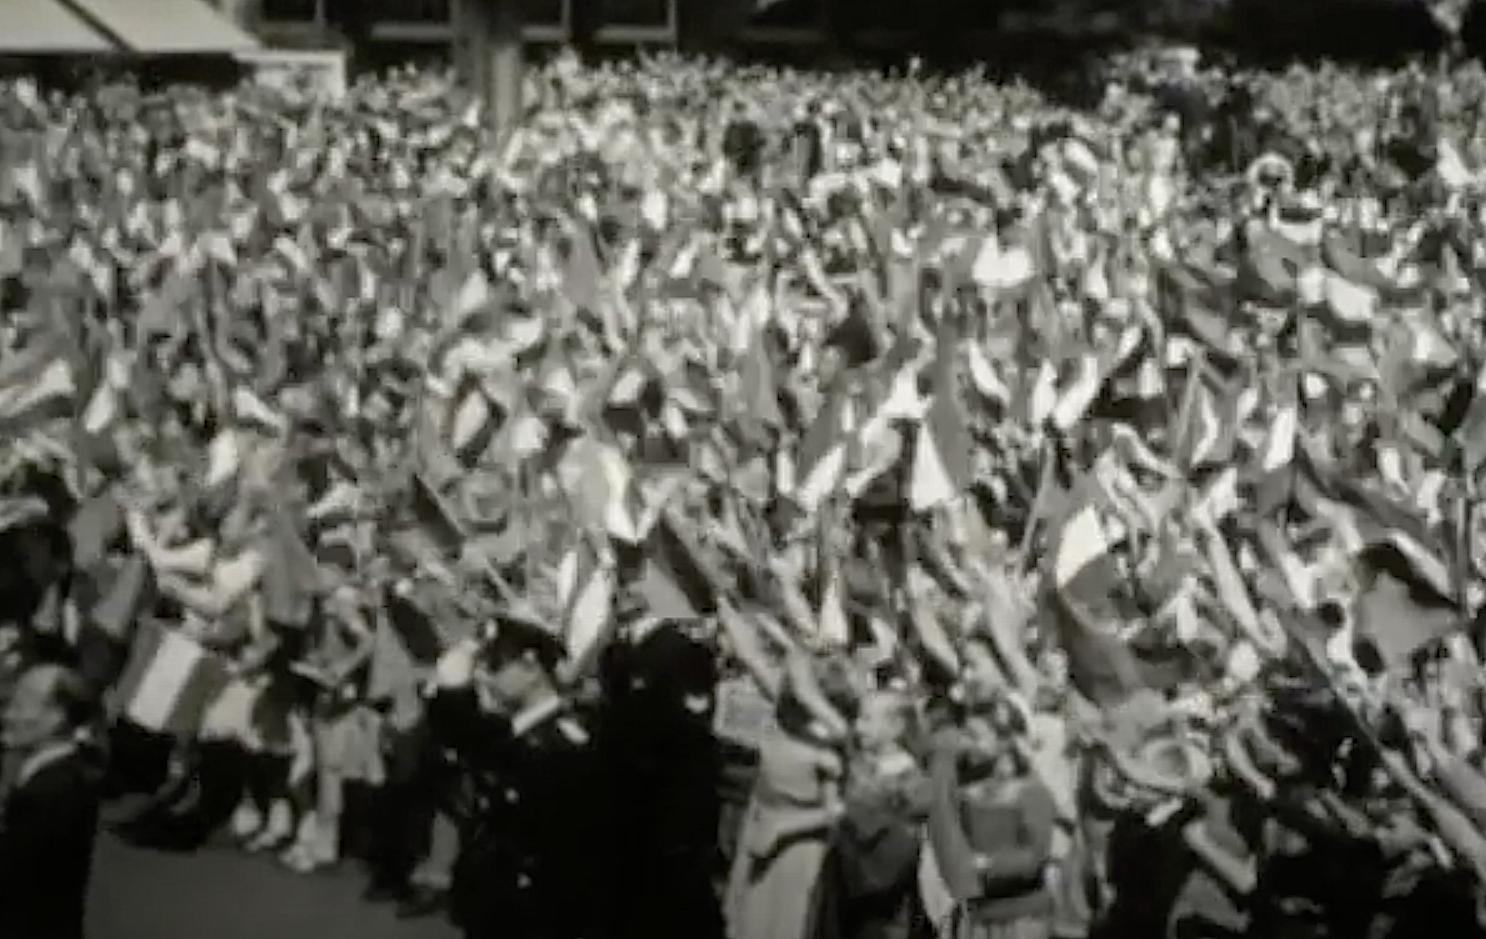 Bewegend Verleden: Duizenden Haarlemmers begroeten Juliana en Bernhard, 1949 [video]